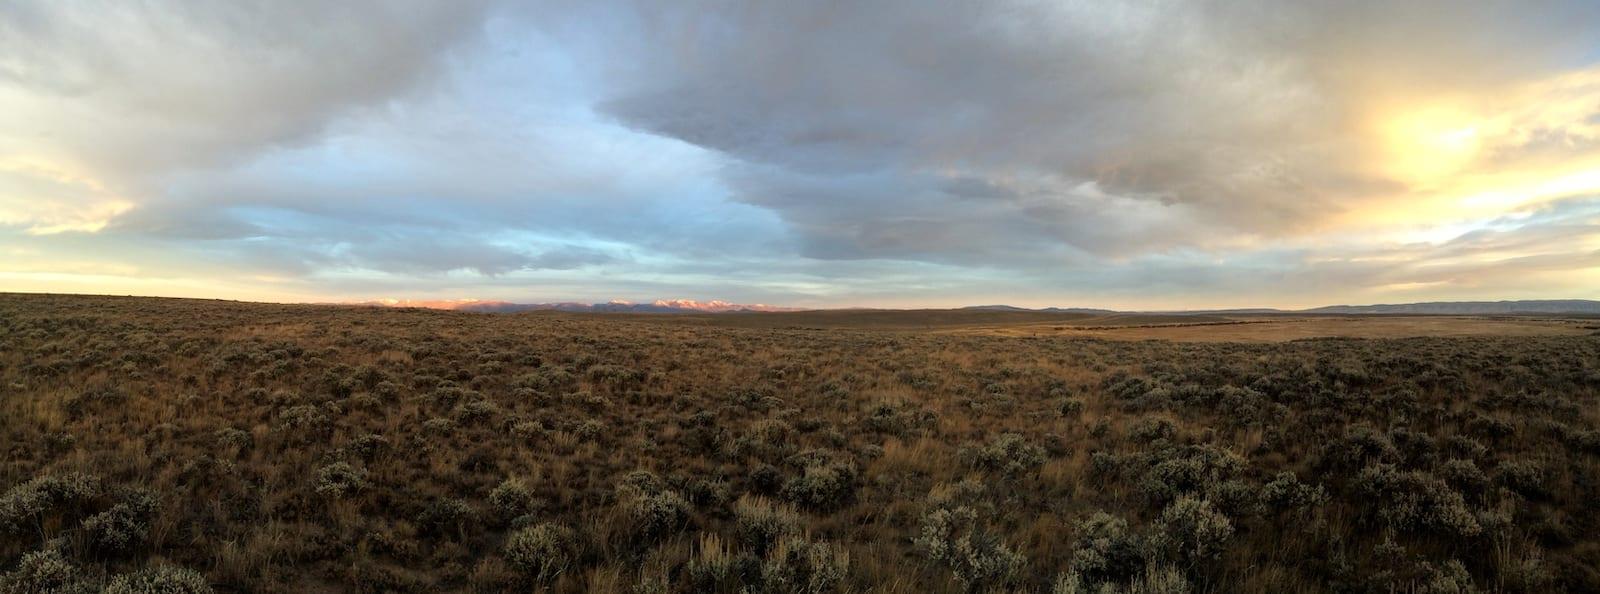 Arapaho National Wildlife Refuge Sunrise Jackson County Colorado